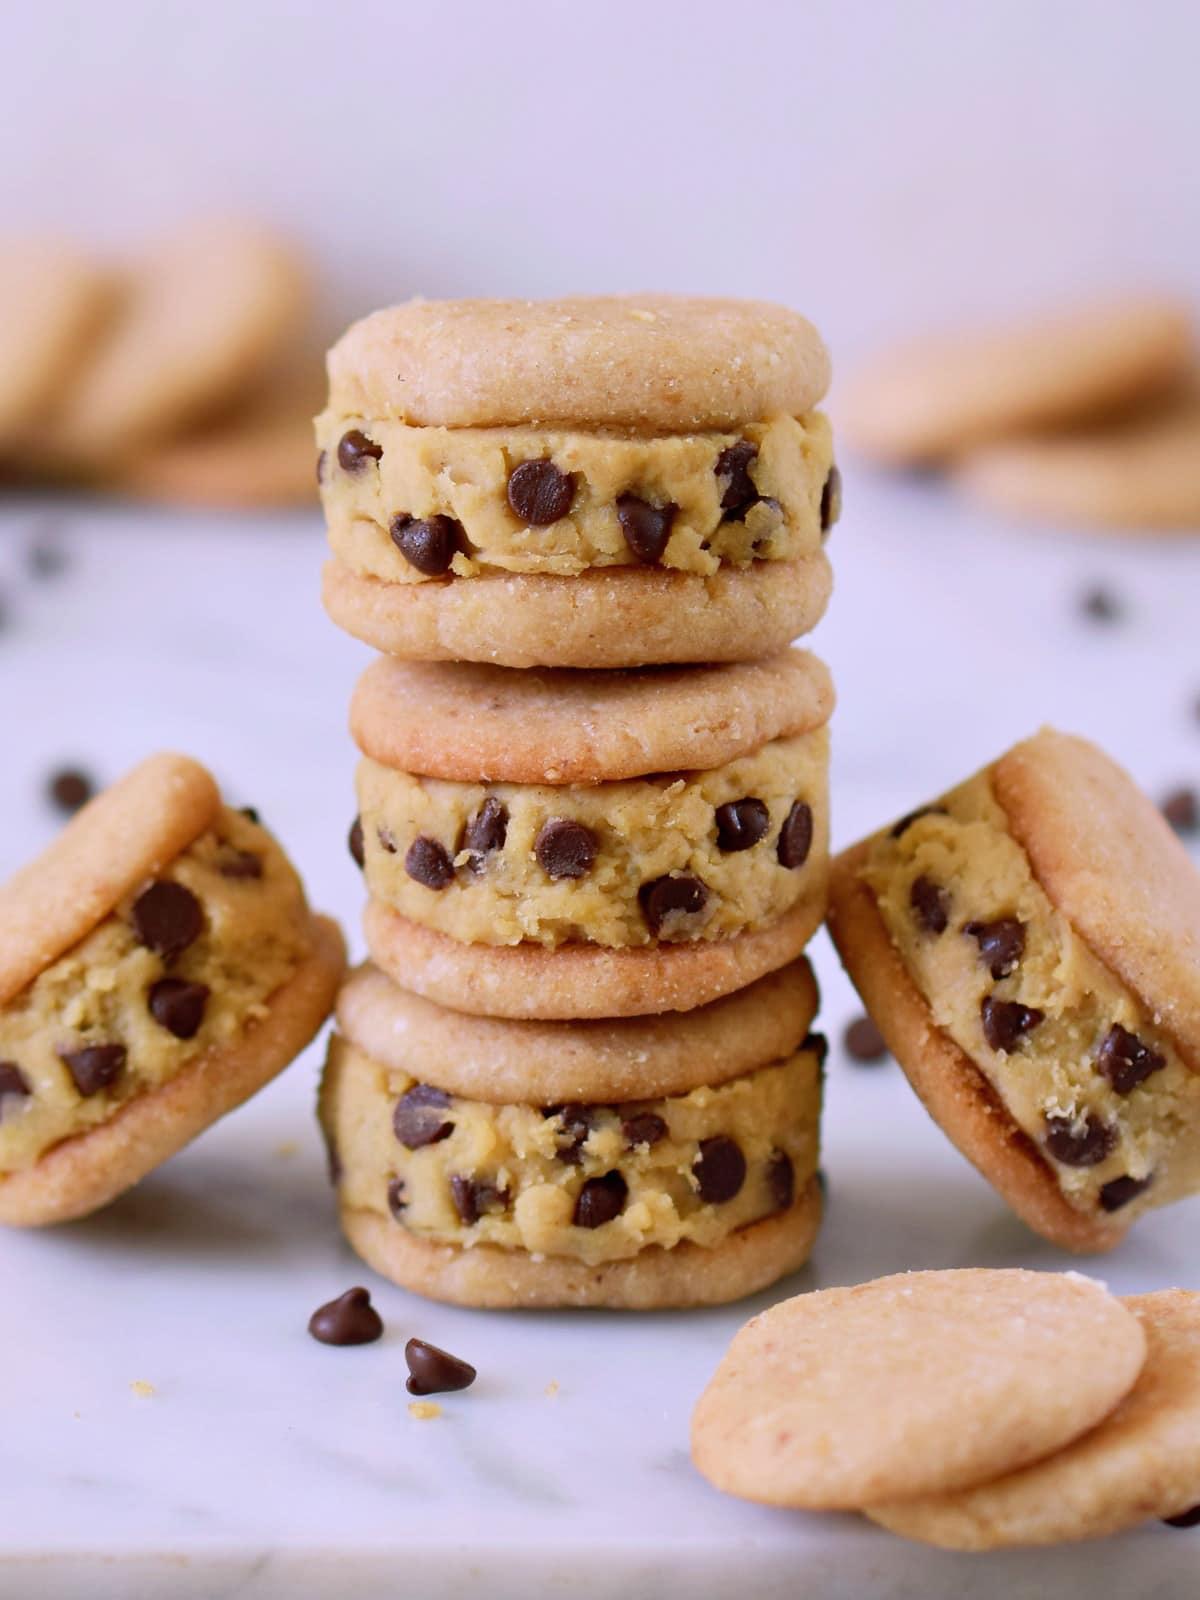 Stapel von Cookie Dough (Keksteig) Sandwiches